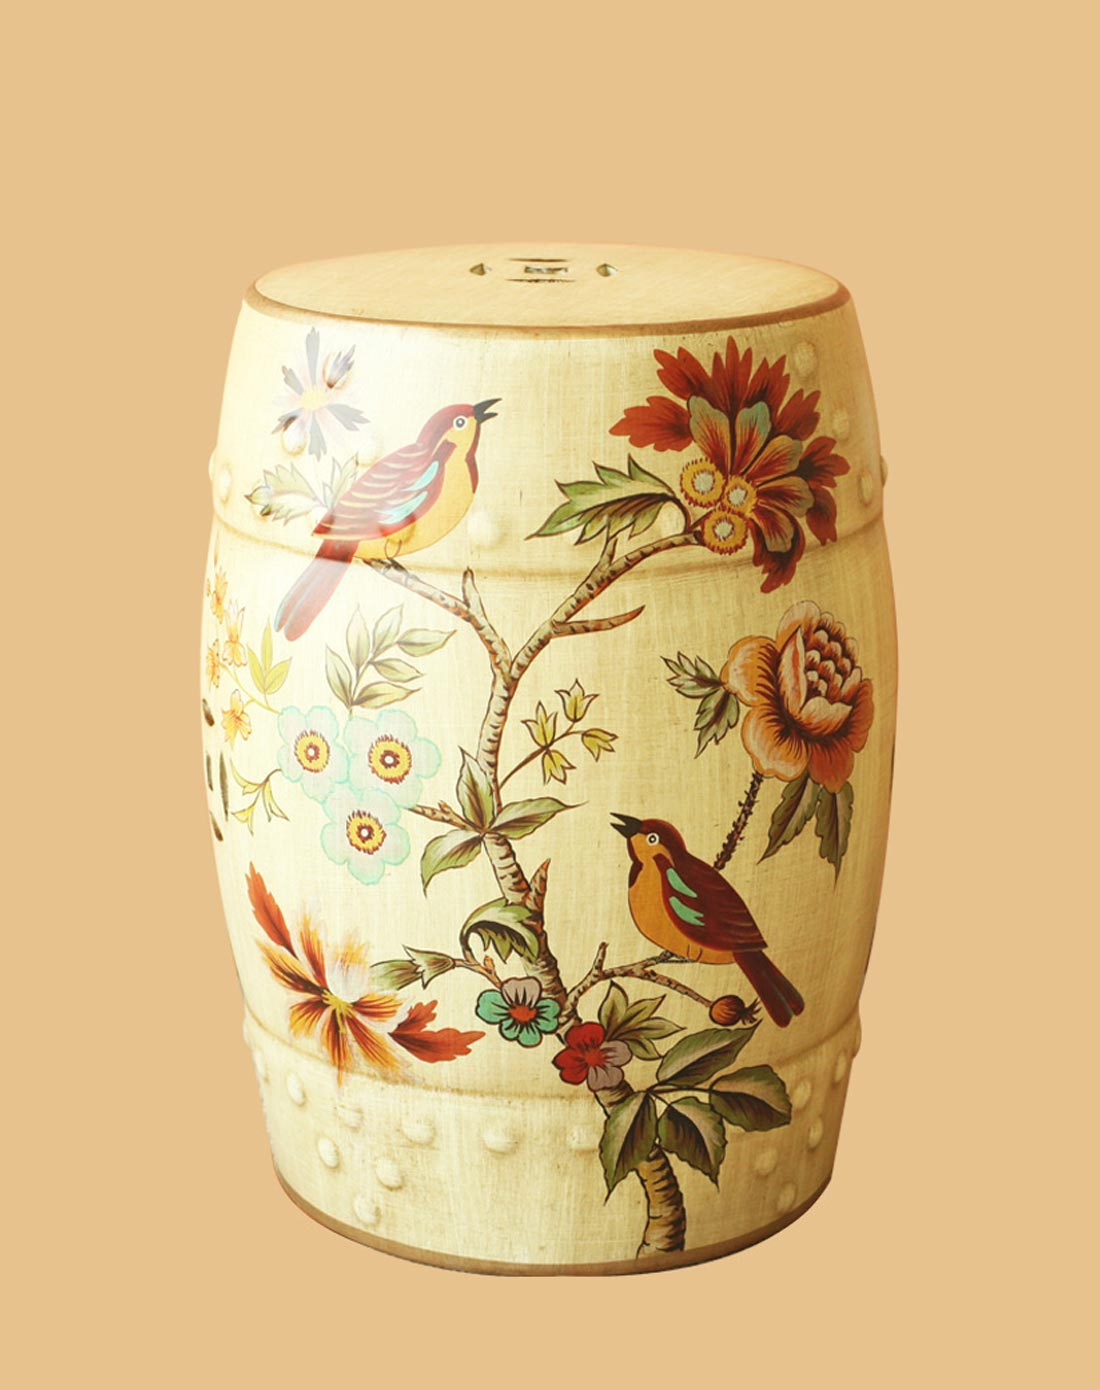 奇异花草欧式手绘陶瓷鼓凳换鞋凳梳妆凳